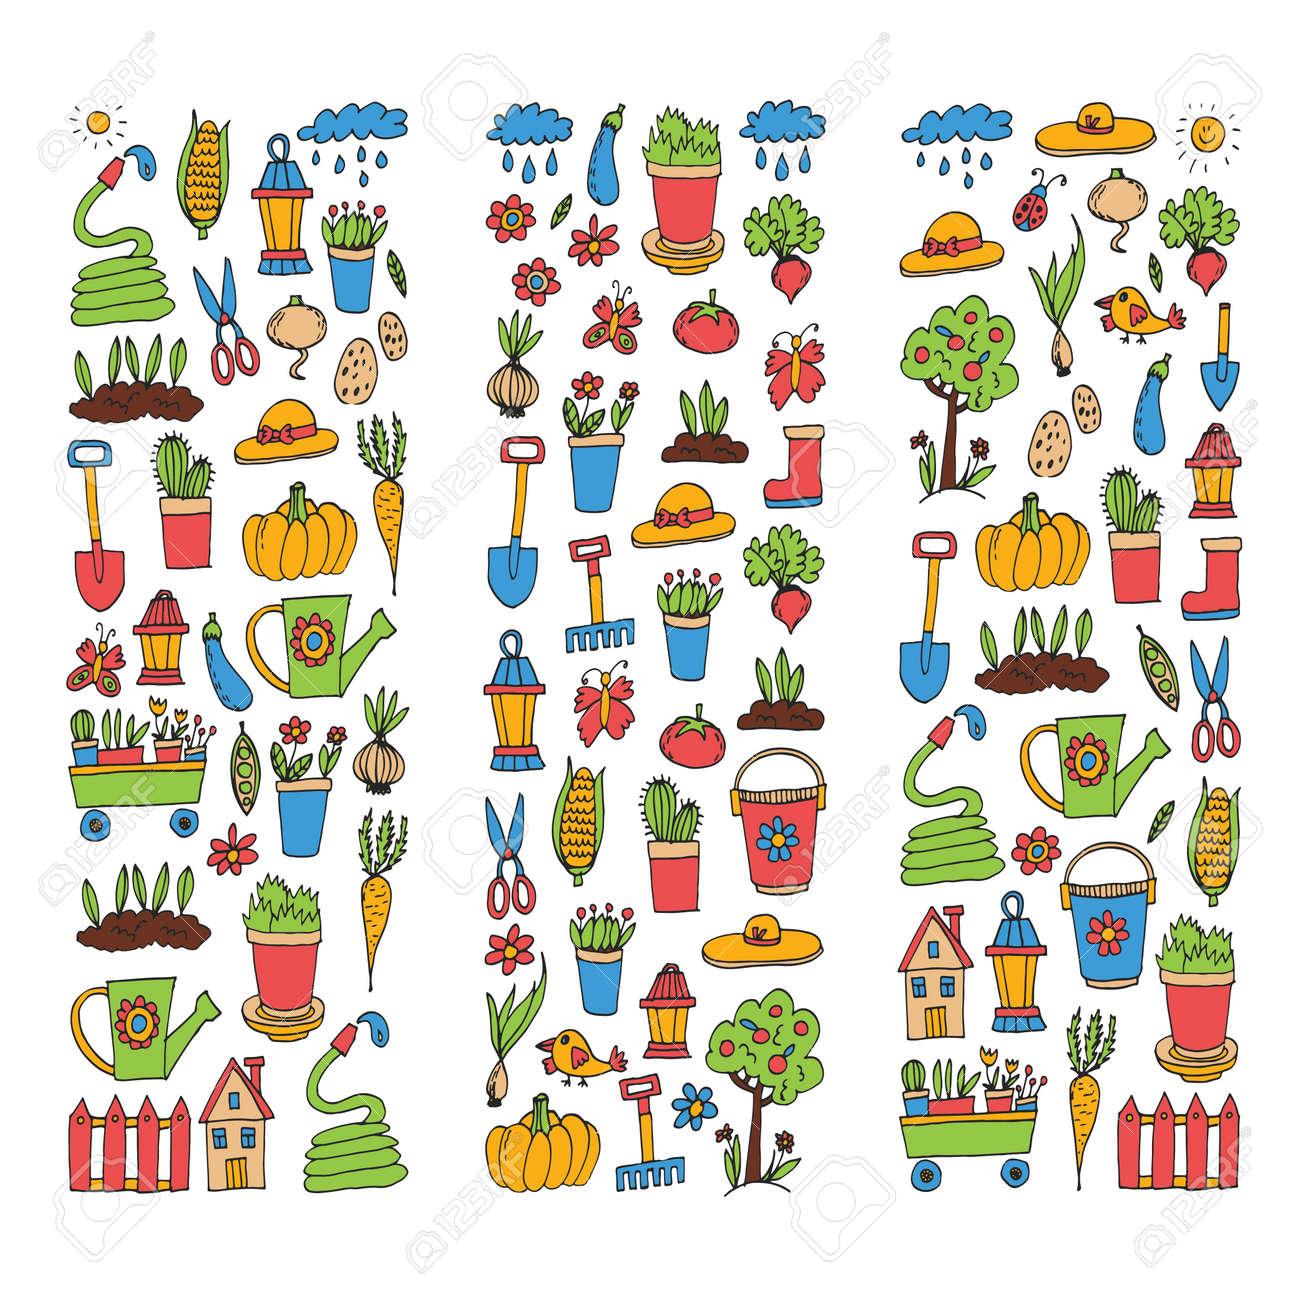 Gardening Cute garden vector set Equipment, plants, vegetables - 75338263